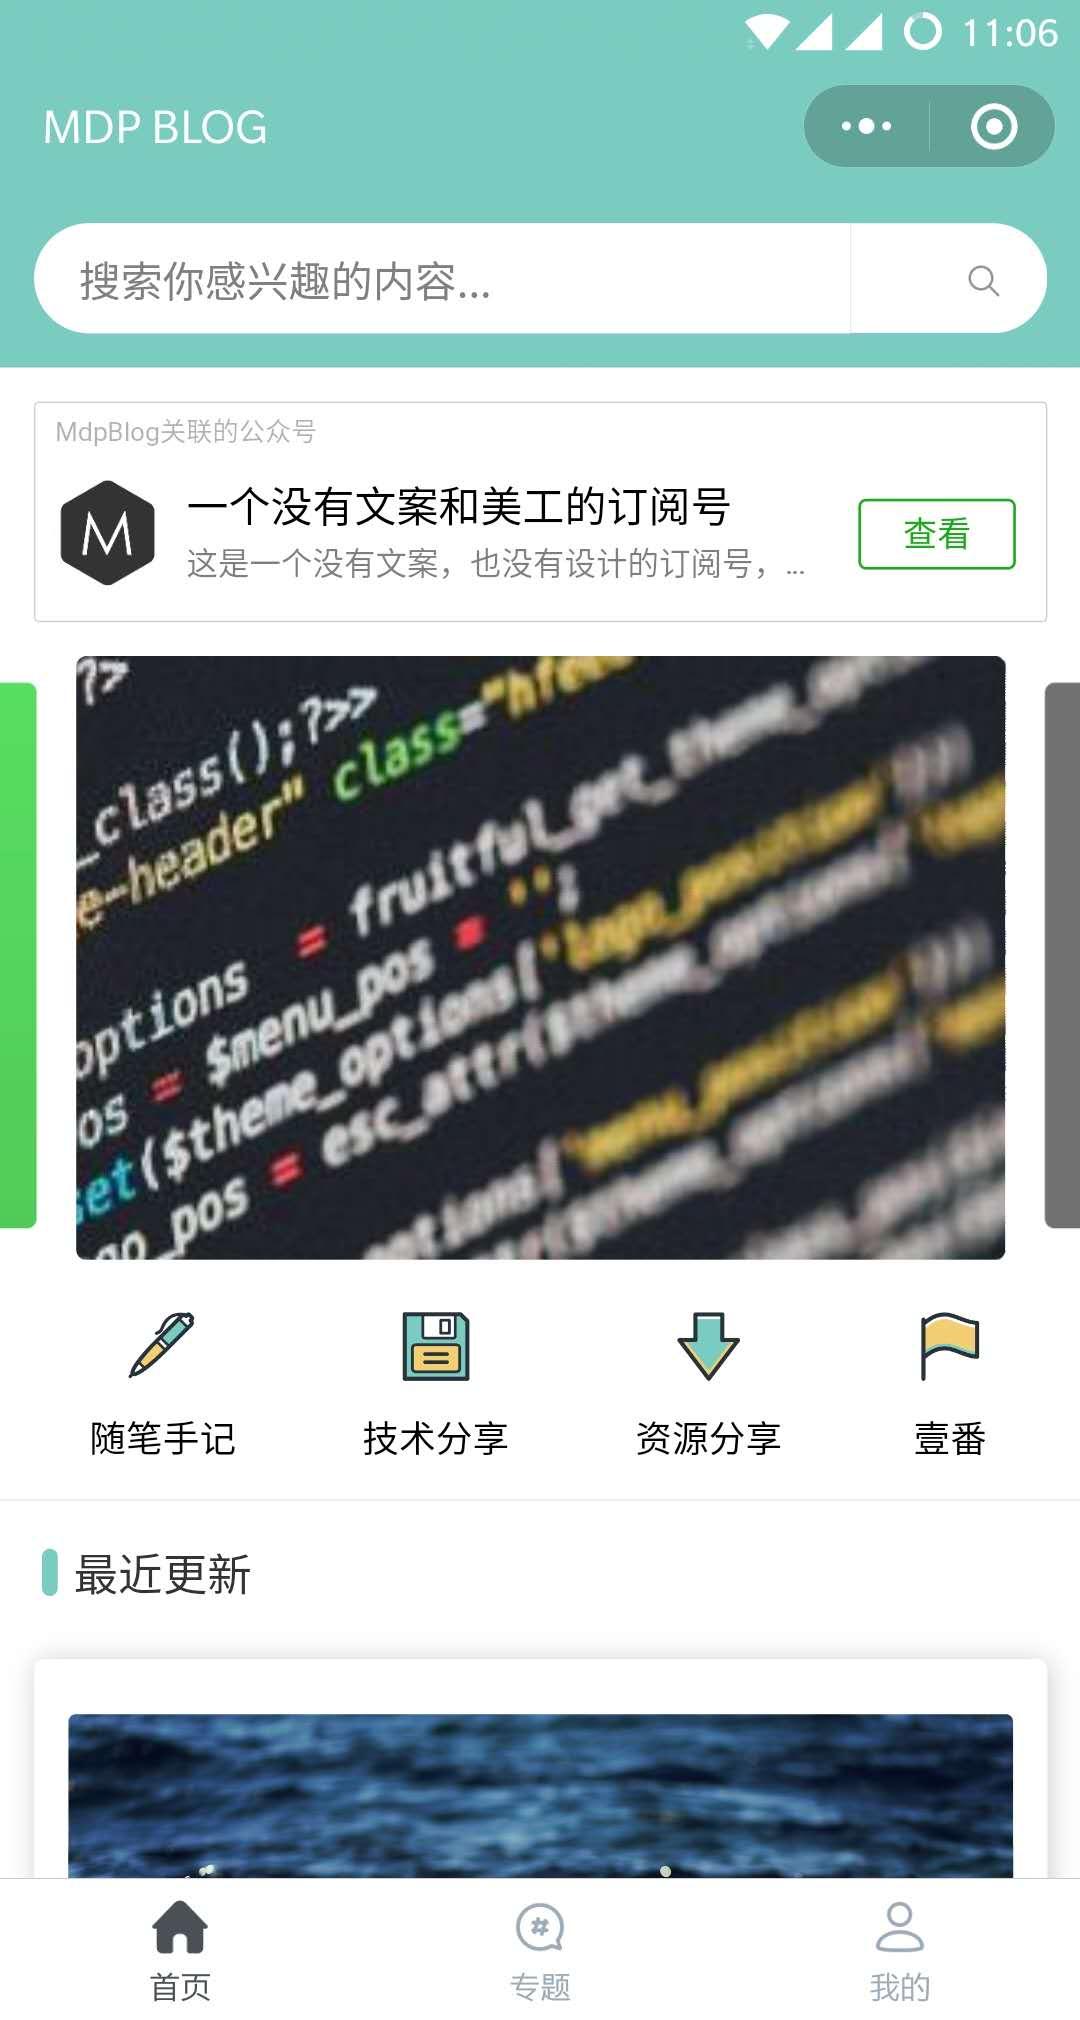 首页代码修改